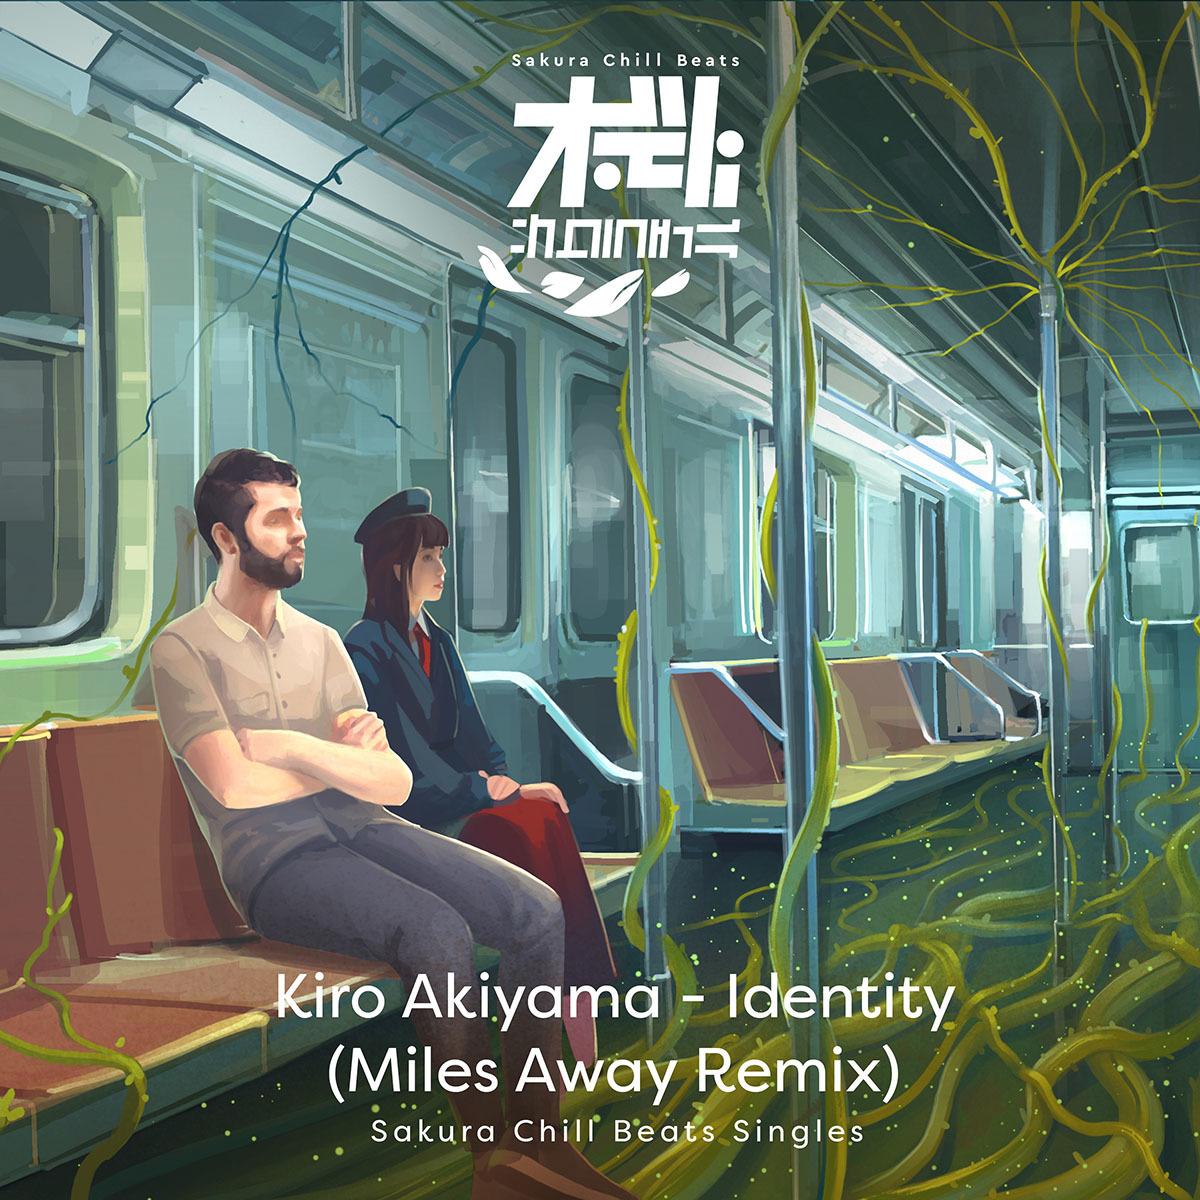 アイデンティティ (Miles Away Remix) - Sakura Chill Beats Singles配信ジャケット